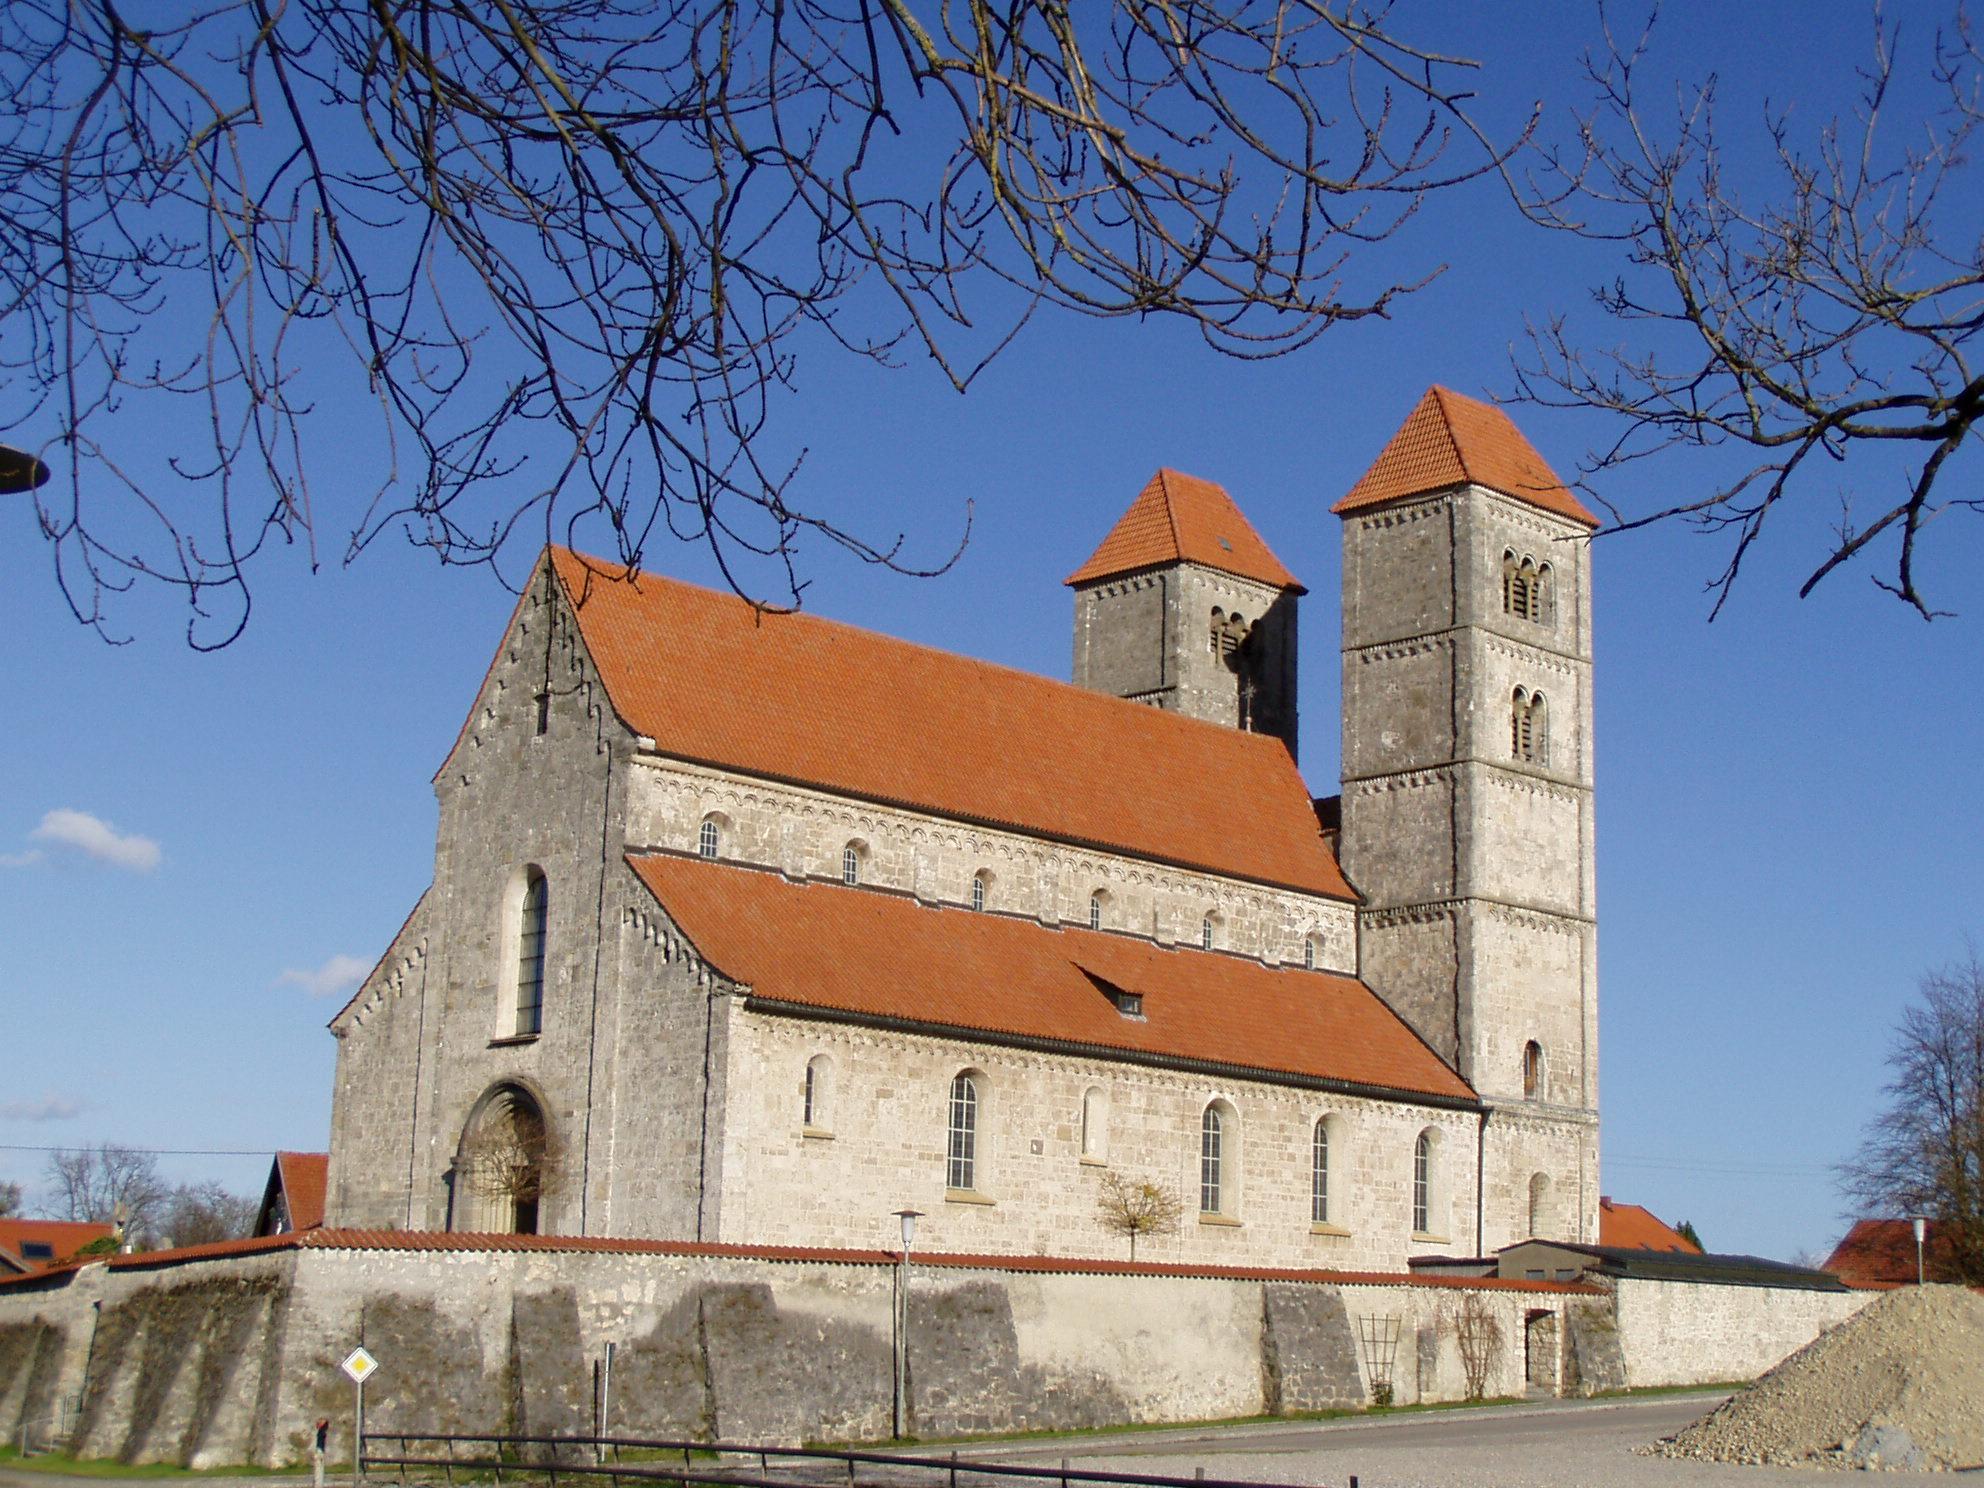 Altenstadt Deutschland